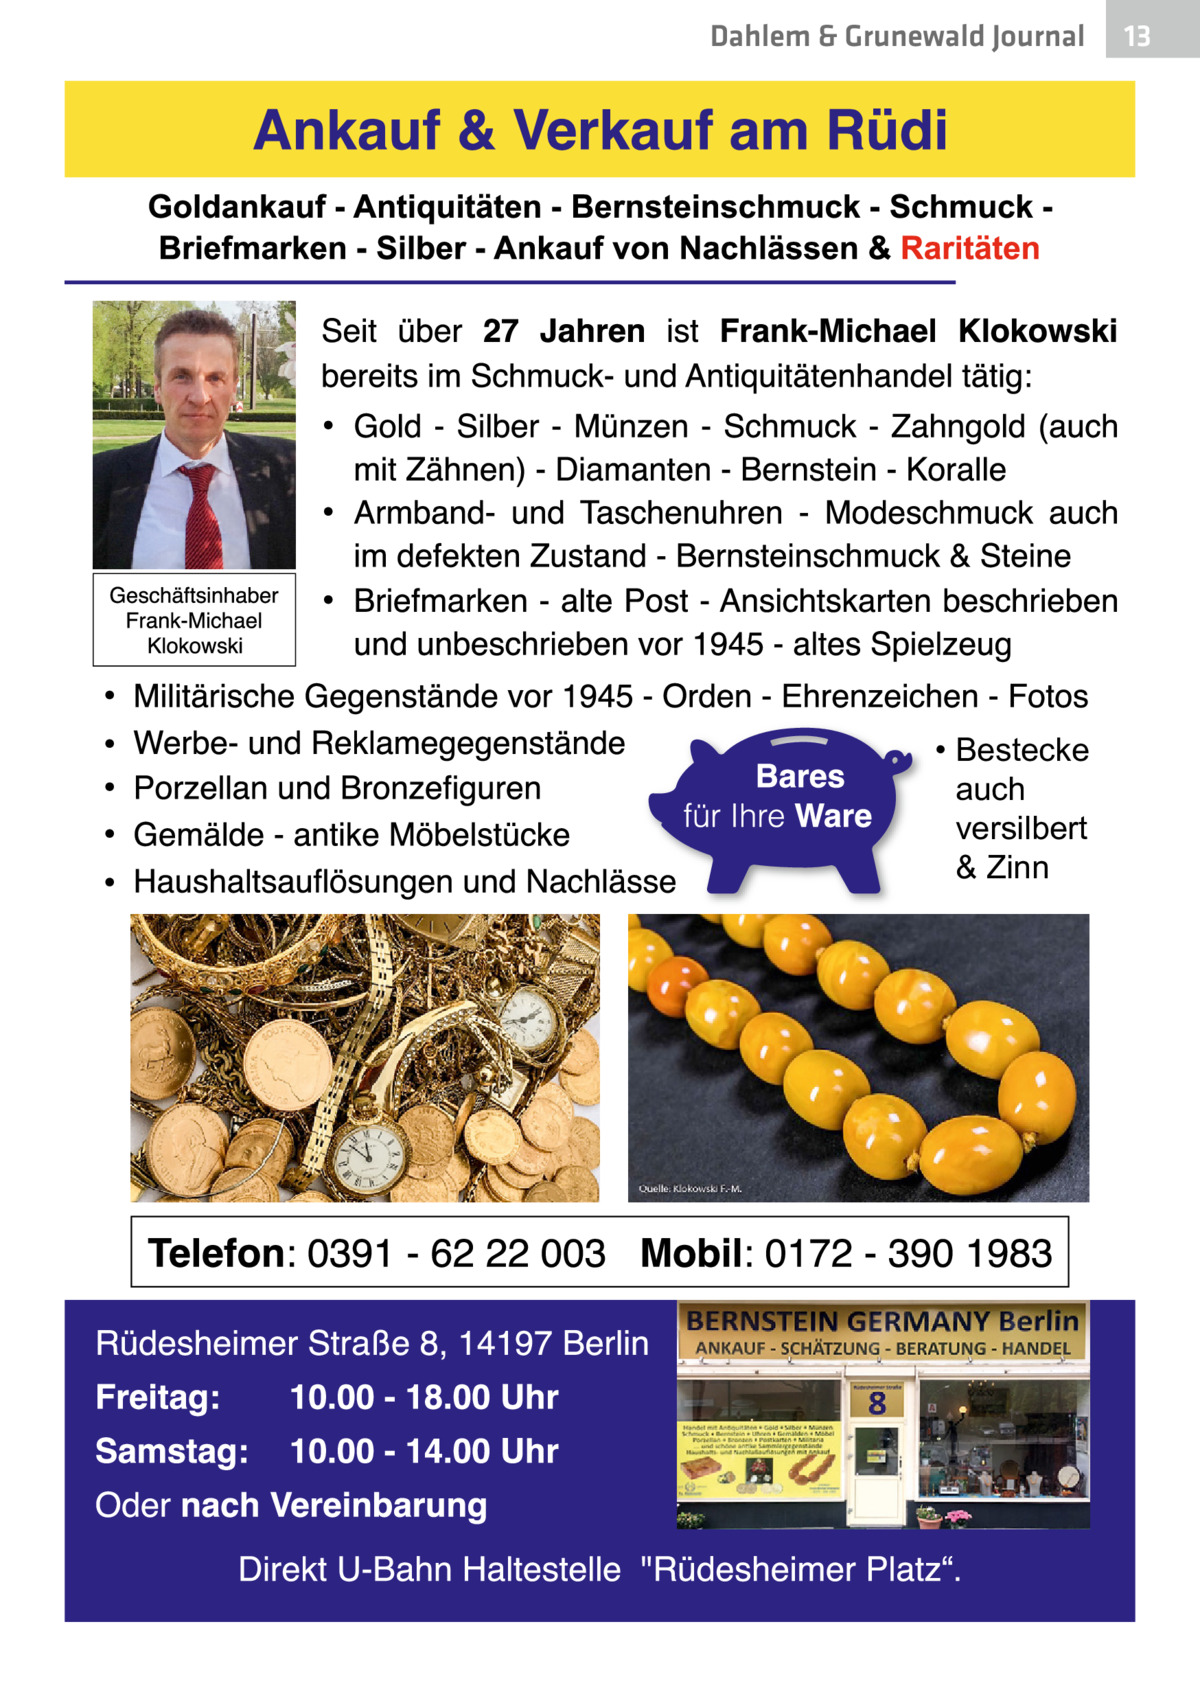 Dahlem & Grunewald Journal  • Bestecke auch versilbert & Zinn  13 13